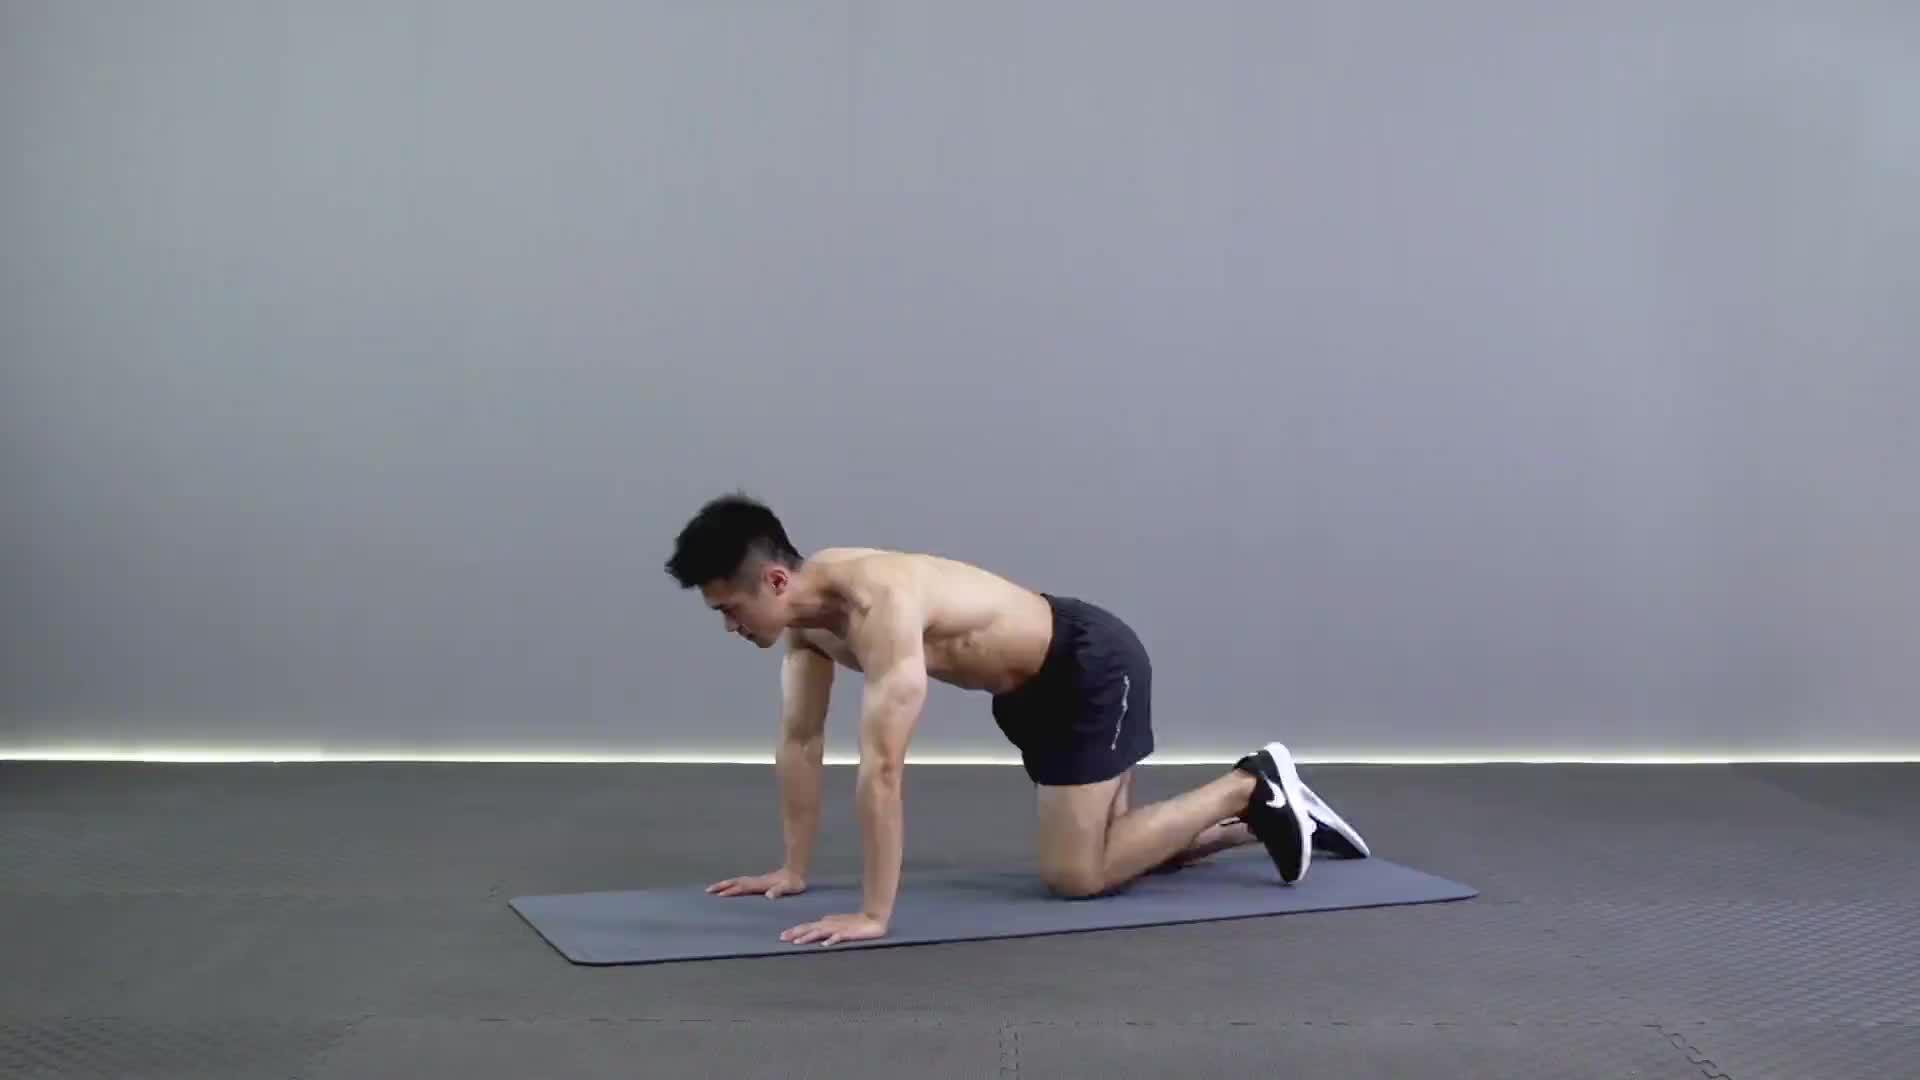 动作要领图                 1、手臂自然伸直垂直于地面2、保持动作速率平稳         1、收紧腹部2、腿部自然伸直与地面平行           主要肌肉示意图        跪姿侧抬腿